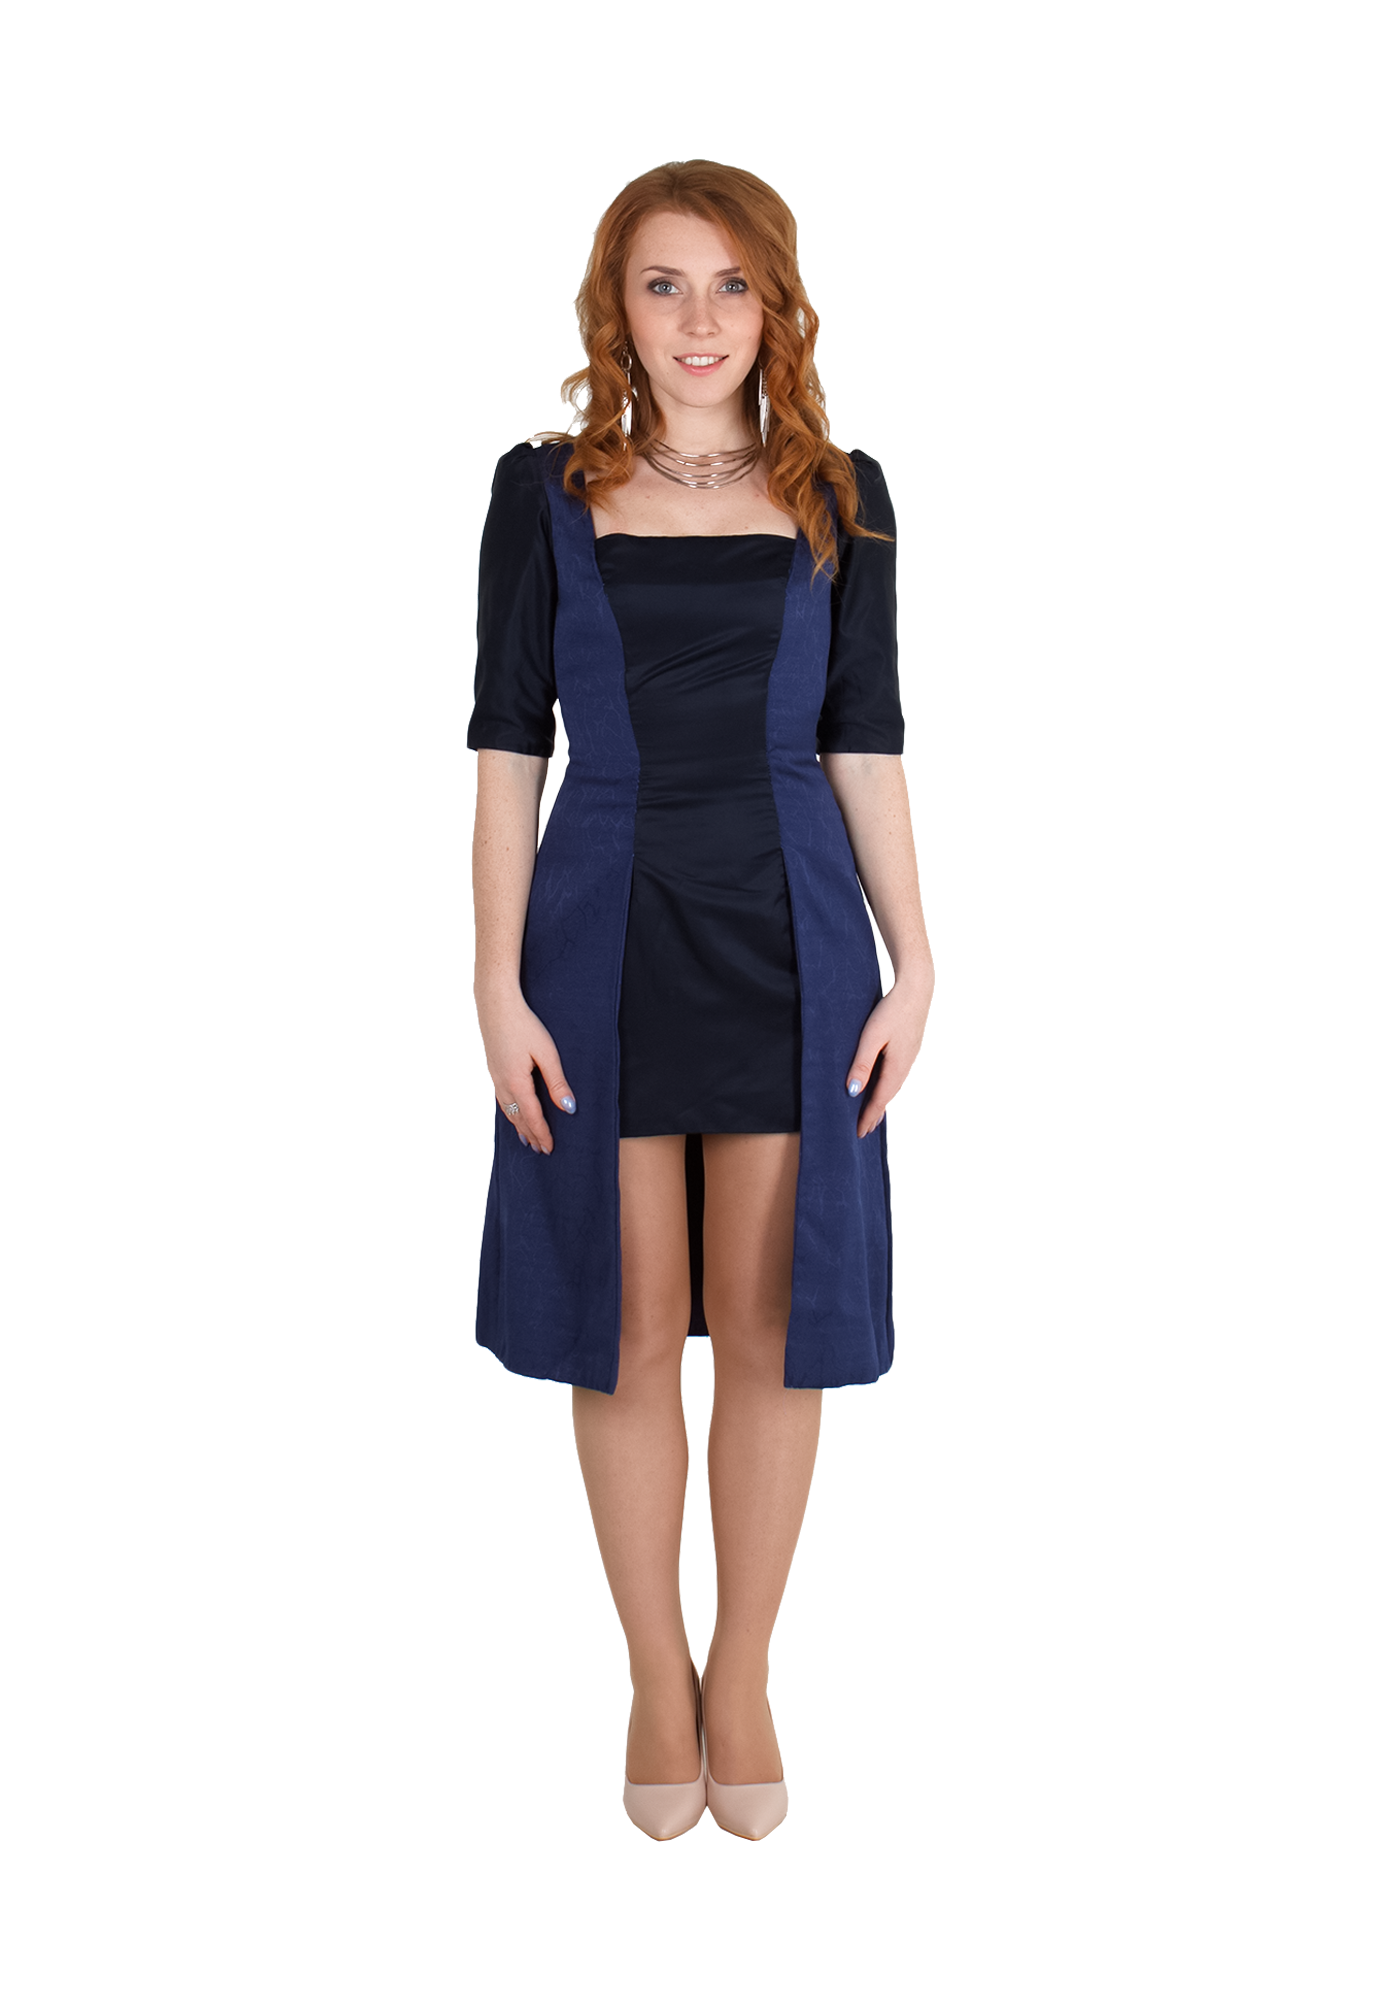 Сукня-плащ з асиметричним низом  52d2ce8f9ddd7